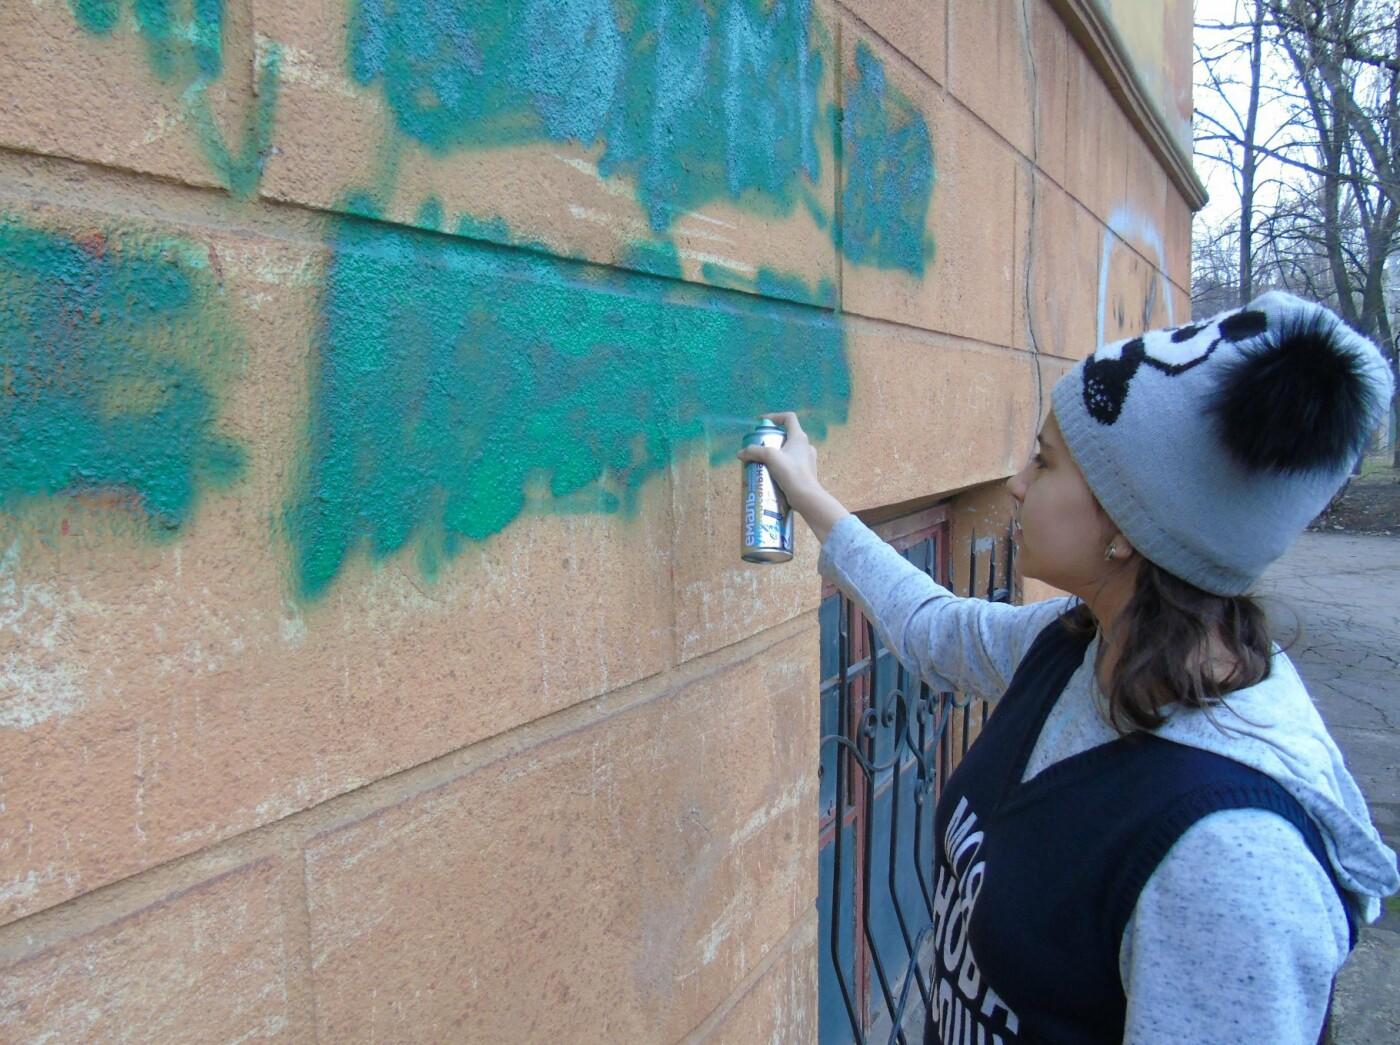 Молодежь Константиновки зарисовала рекламу наркотиков на стенах зданий города, фото-1